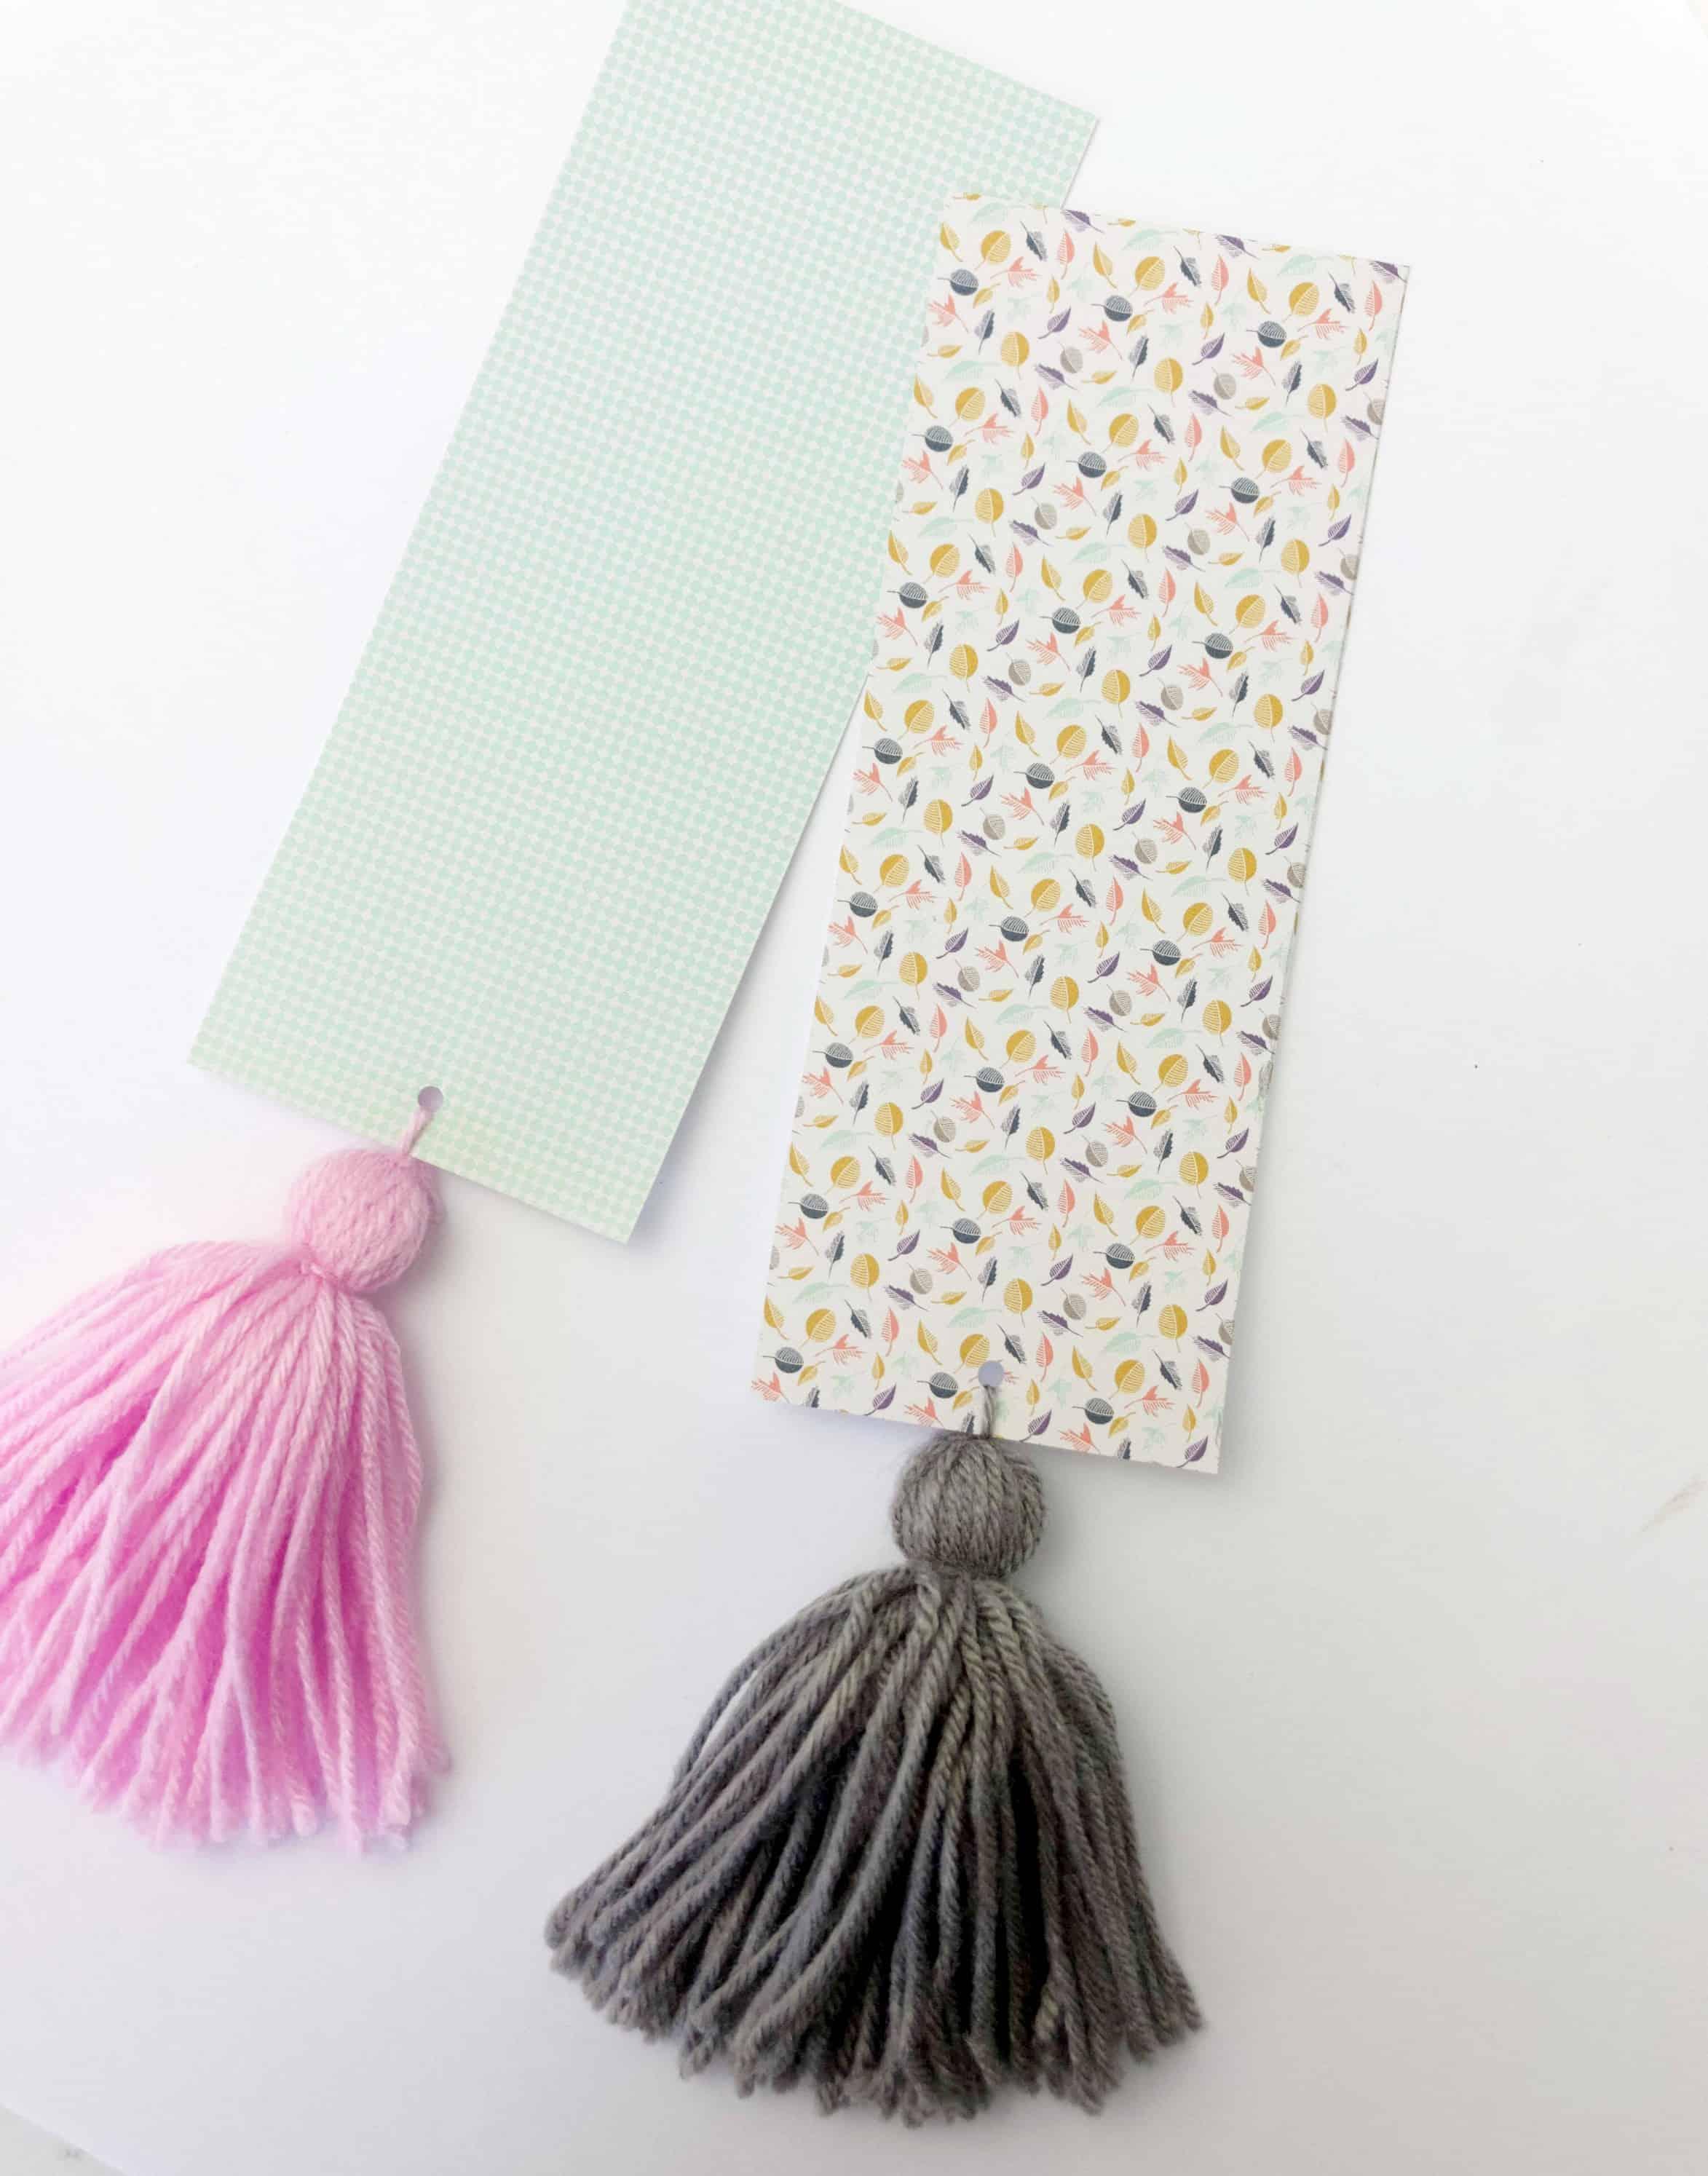 Easy DIY Tassel Bookmark + New Book Review